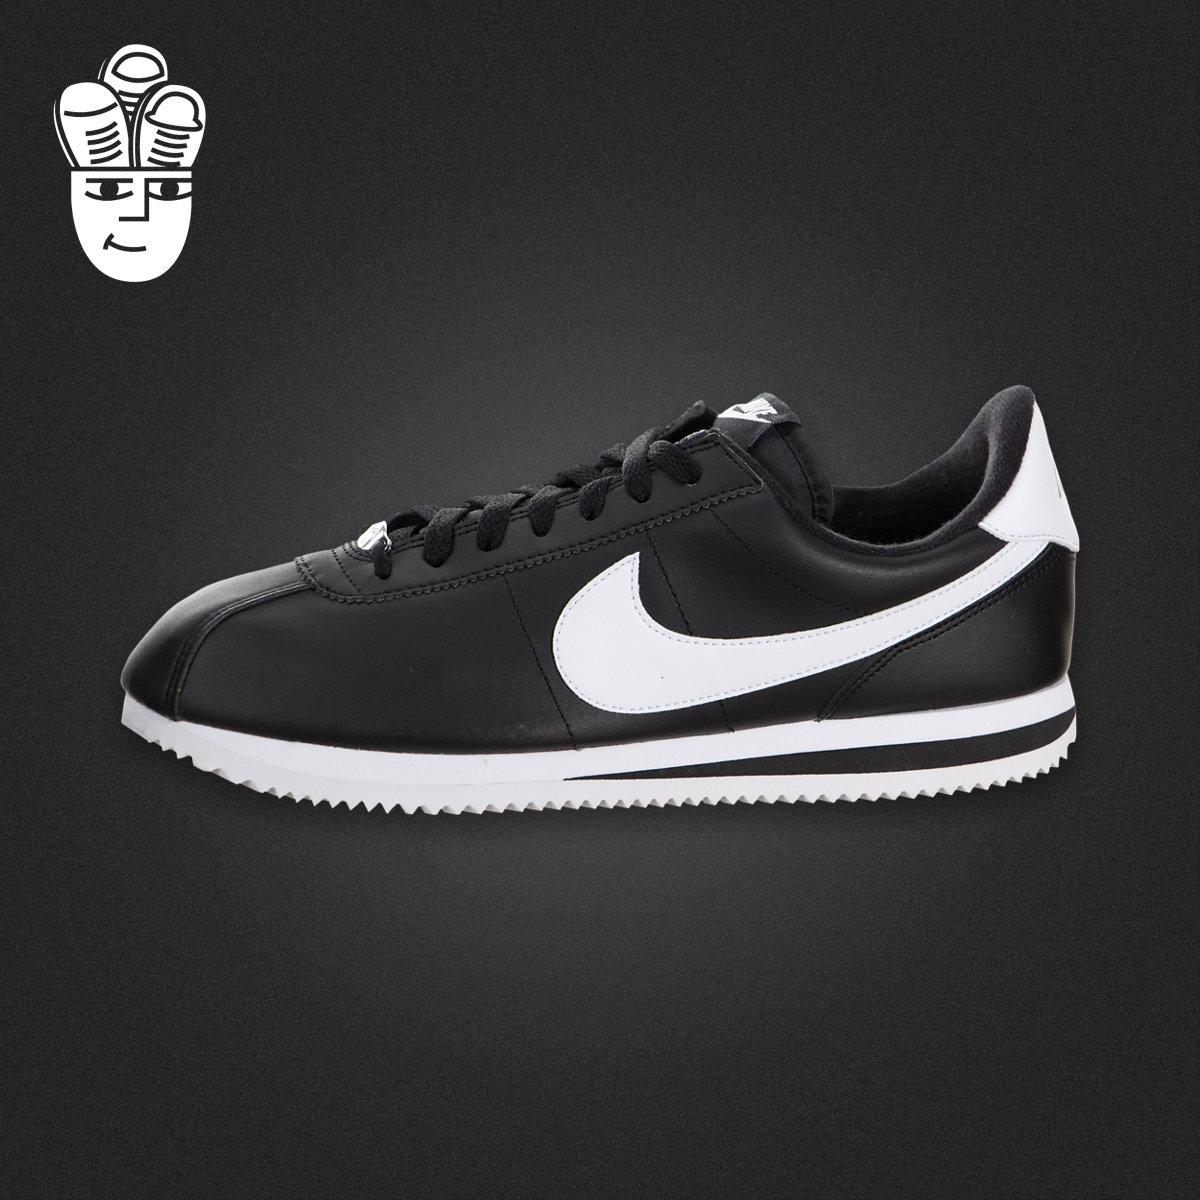 Nike Cortez Basic Leather 耐克男子运动休闲鞋 经典款复古跑鞋